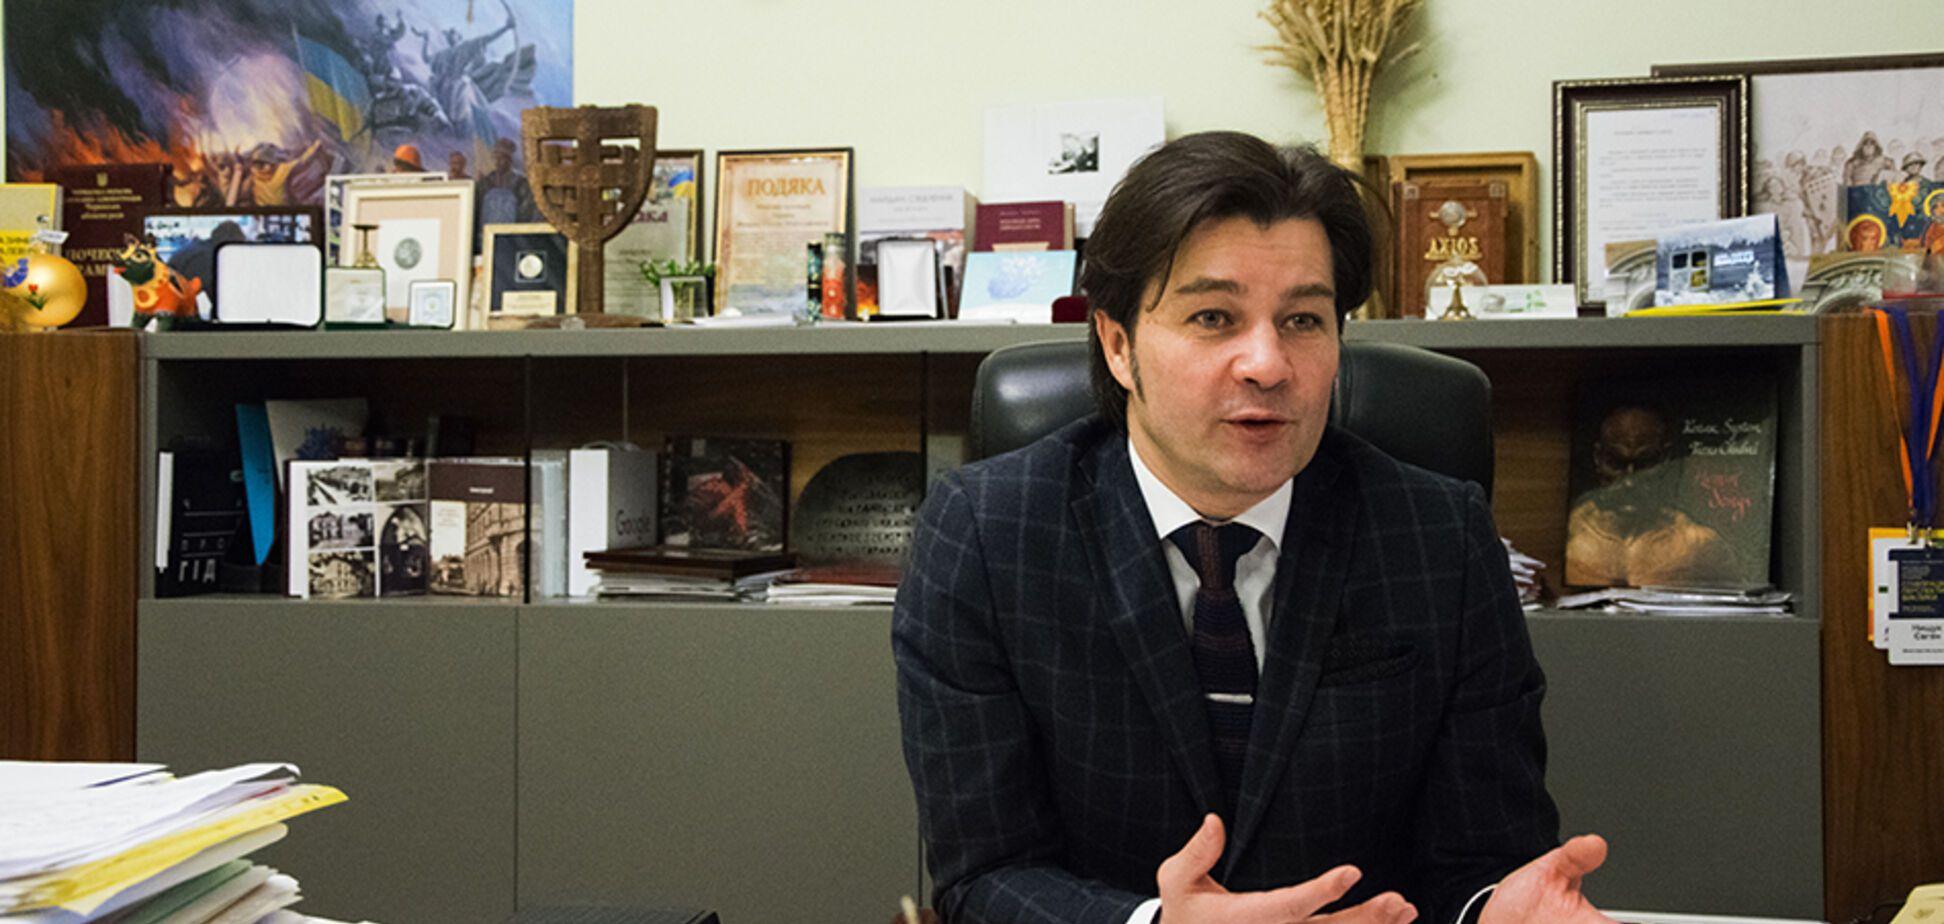 Гастролі українців в Росії: Нищук озвучив позицію